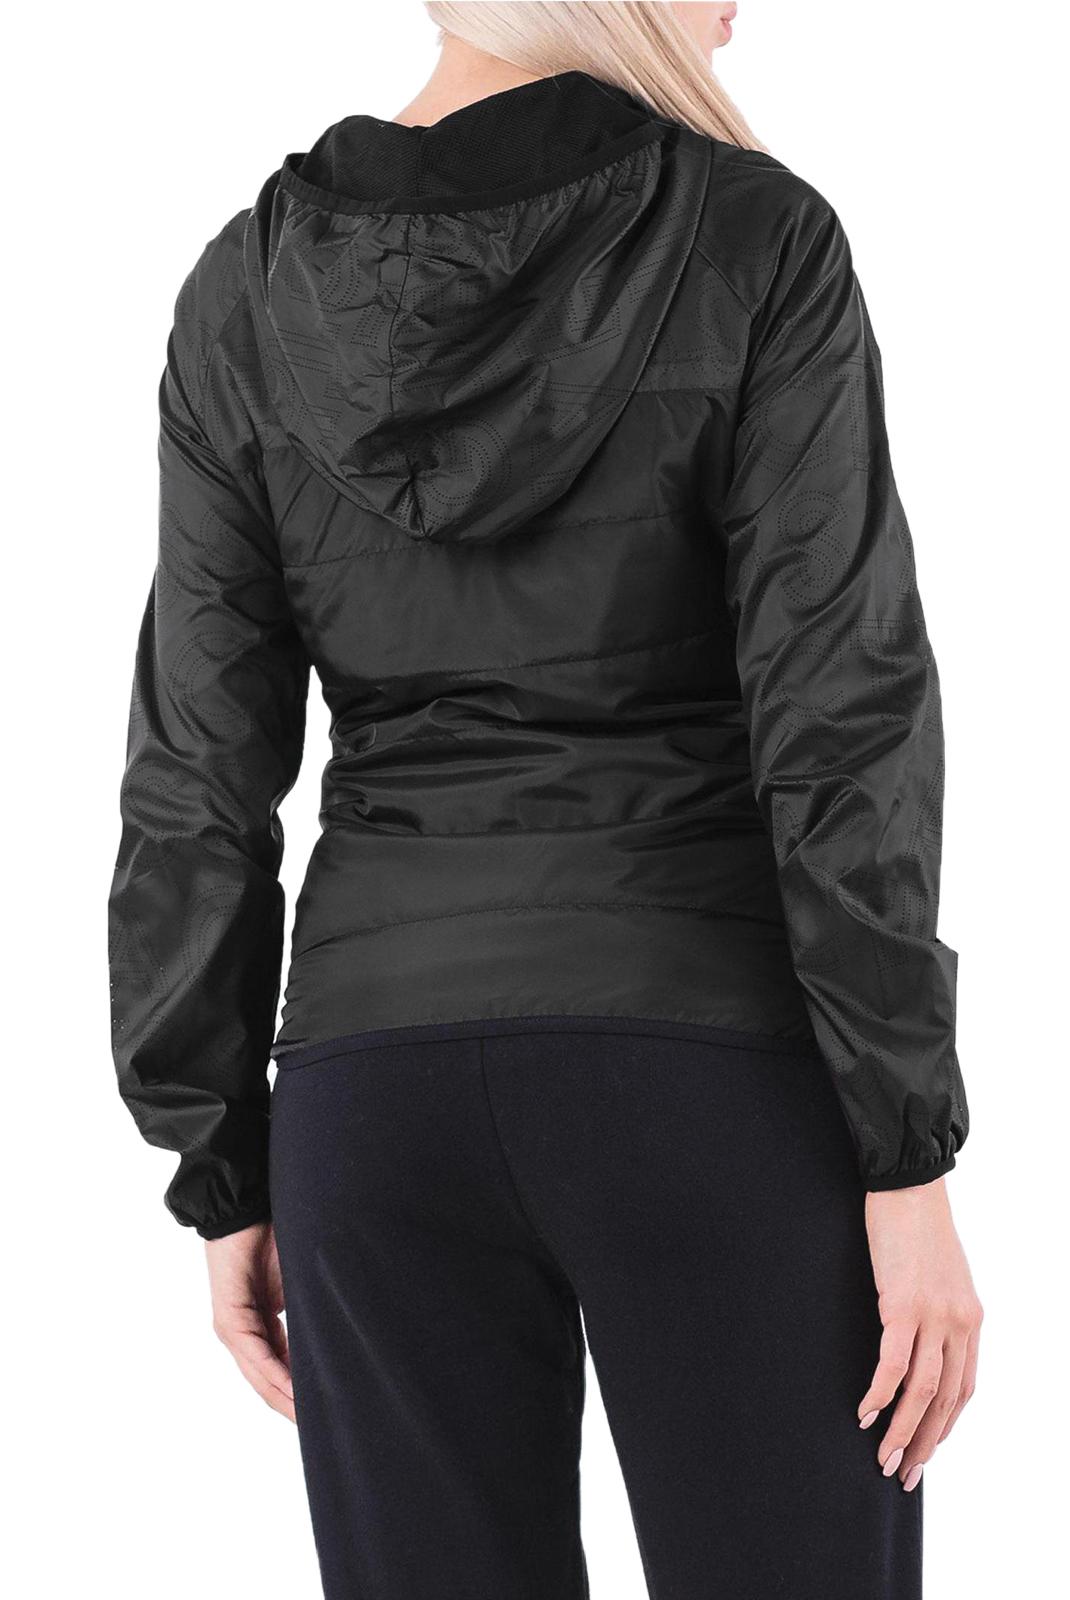 Veste streetwear  Guess jeans O84A49 WO00L A996 JET BLACK